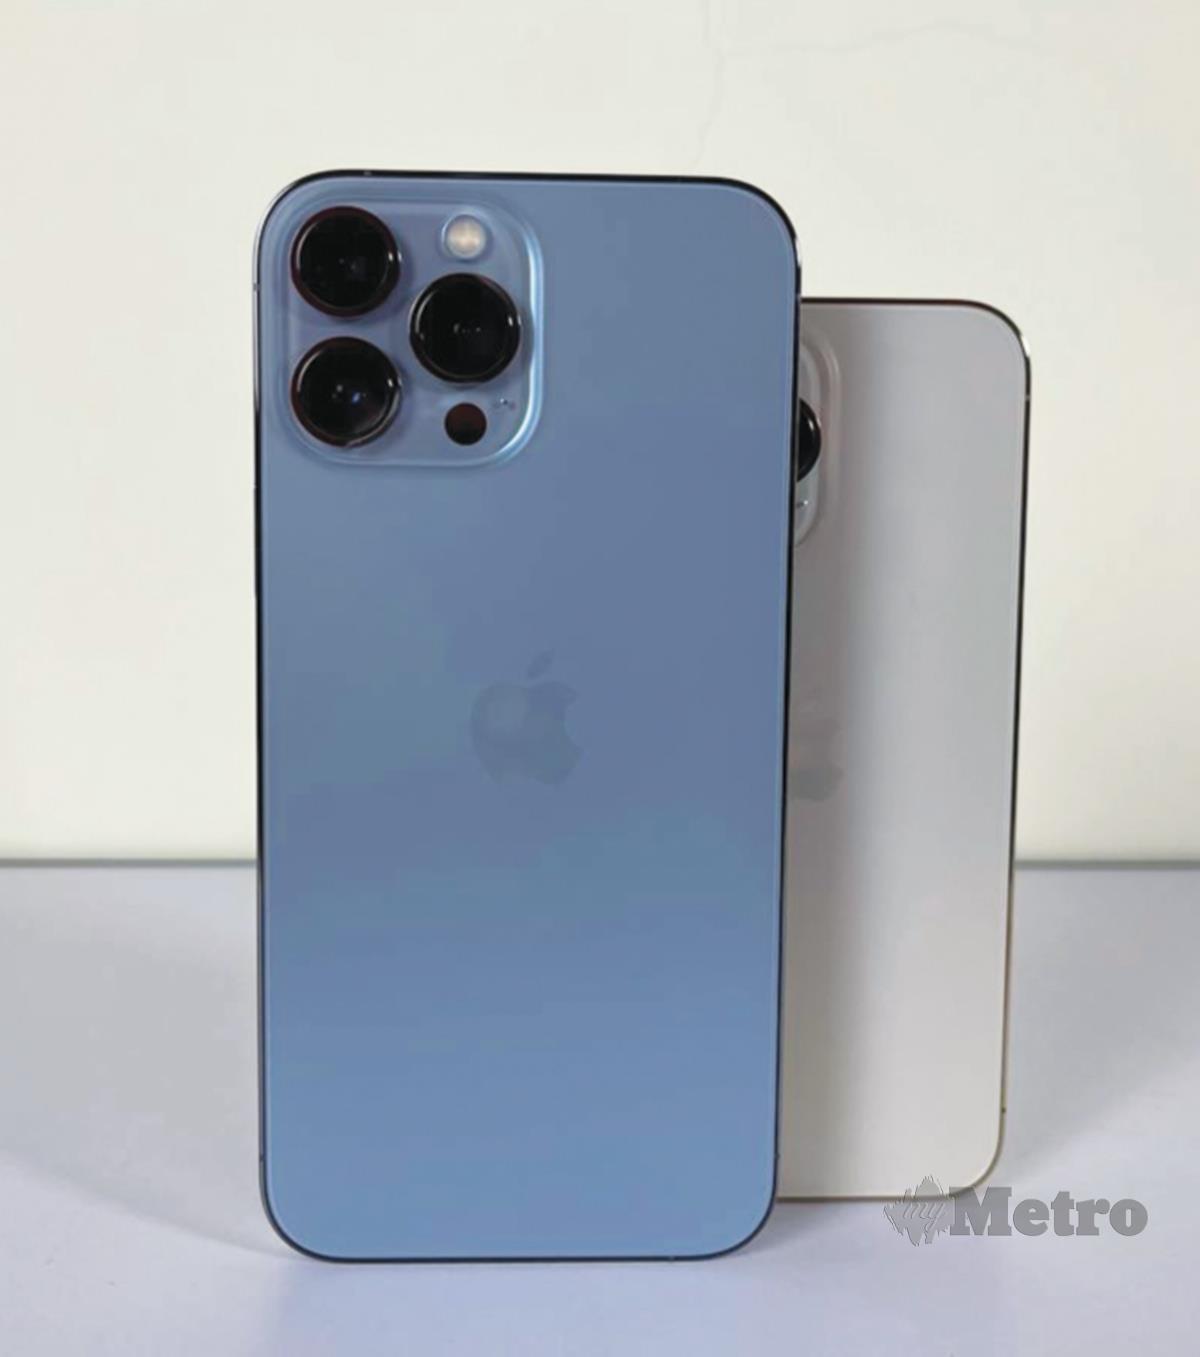 IPHONE 13 Pro dan versi Pro Max menampilkan beberapa ciri khusus dan untuk semua variasi, prestasi kamera sudah dipertingkatkan.